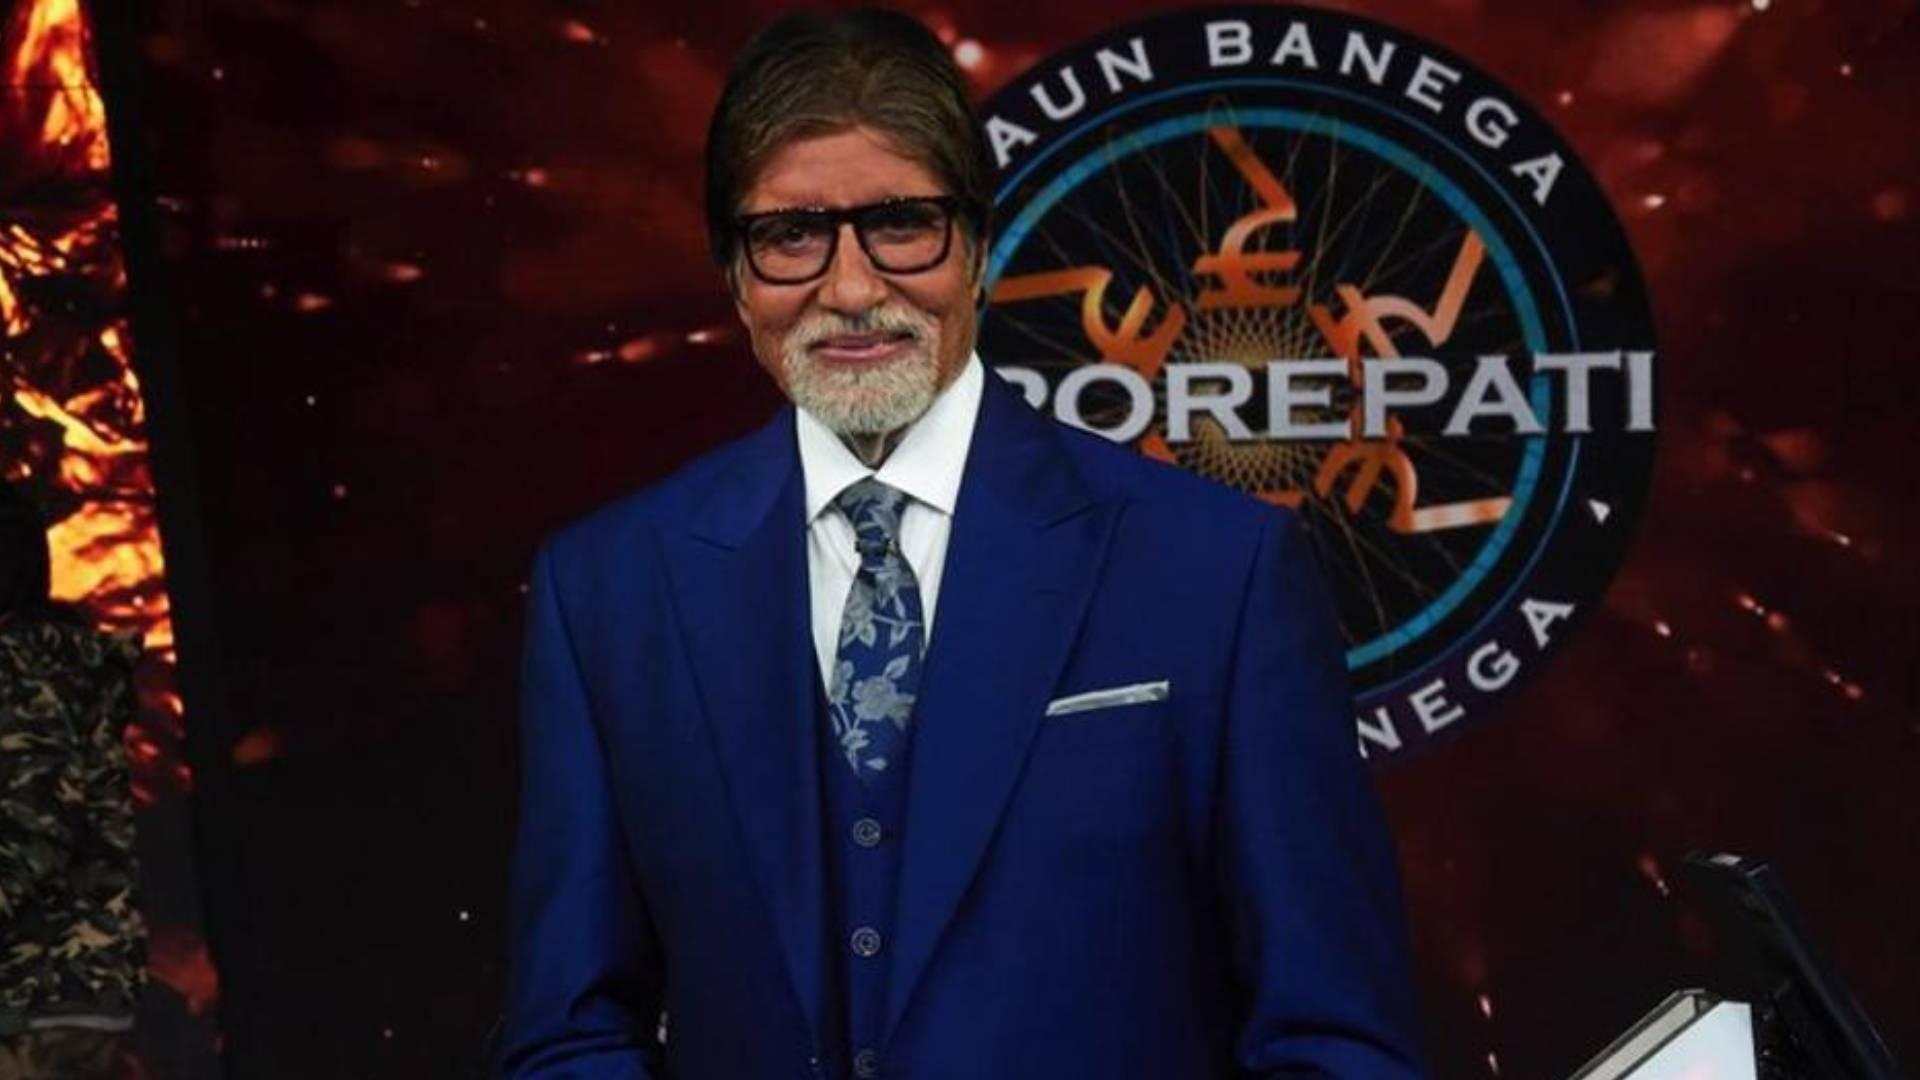 Kaun Banega Crorepati 11: अमिताभ बच्चन ने शुरू किया सवालों का सिलसिला, पहले कंटेस्टेंट ने जीते इतने लाख